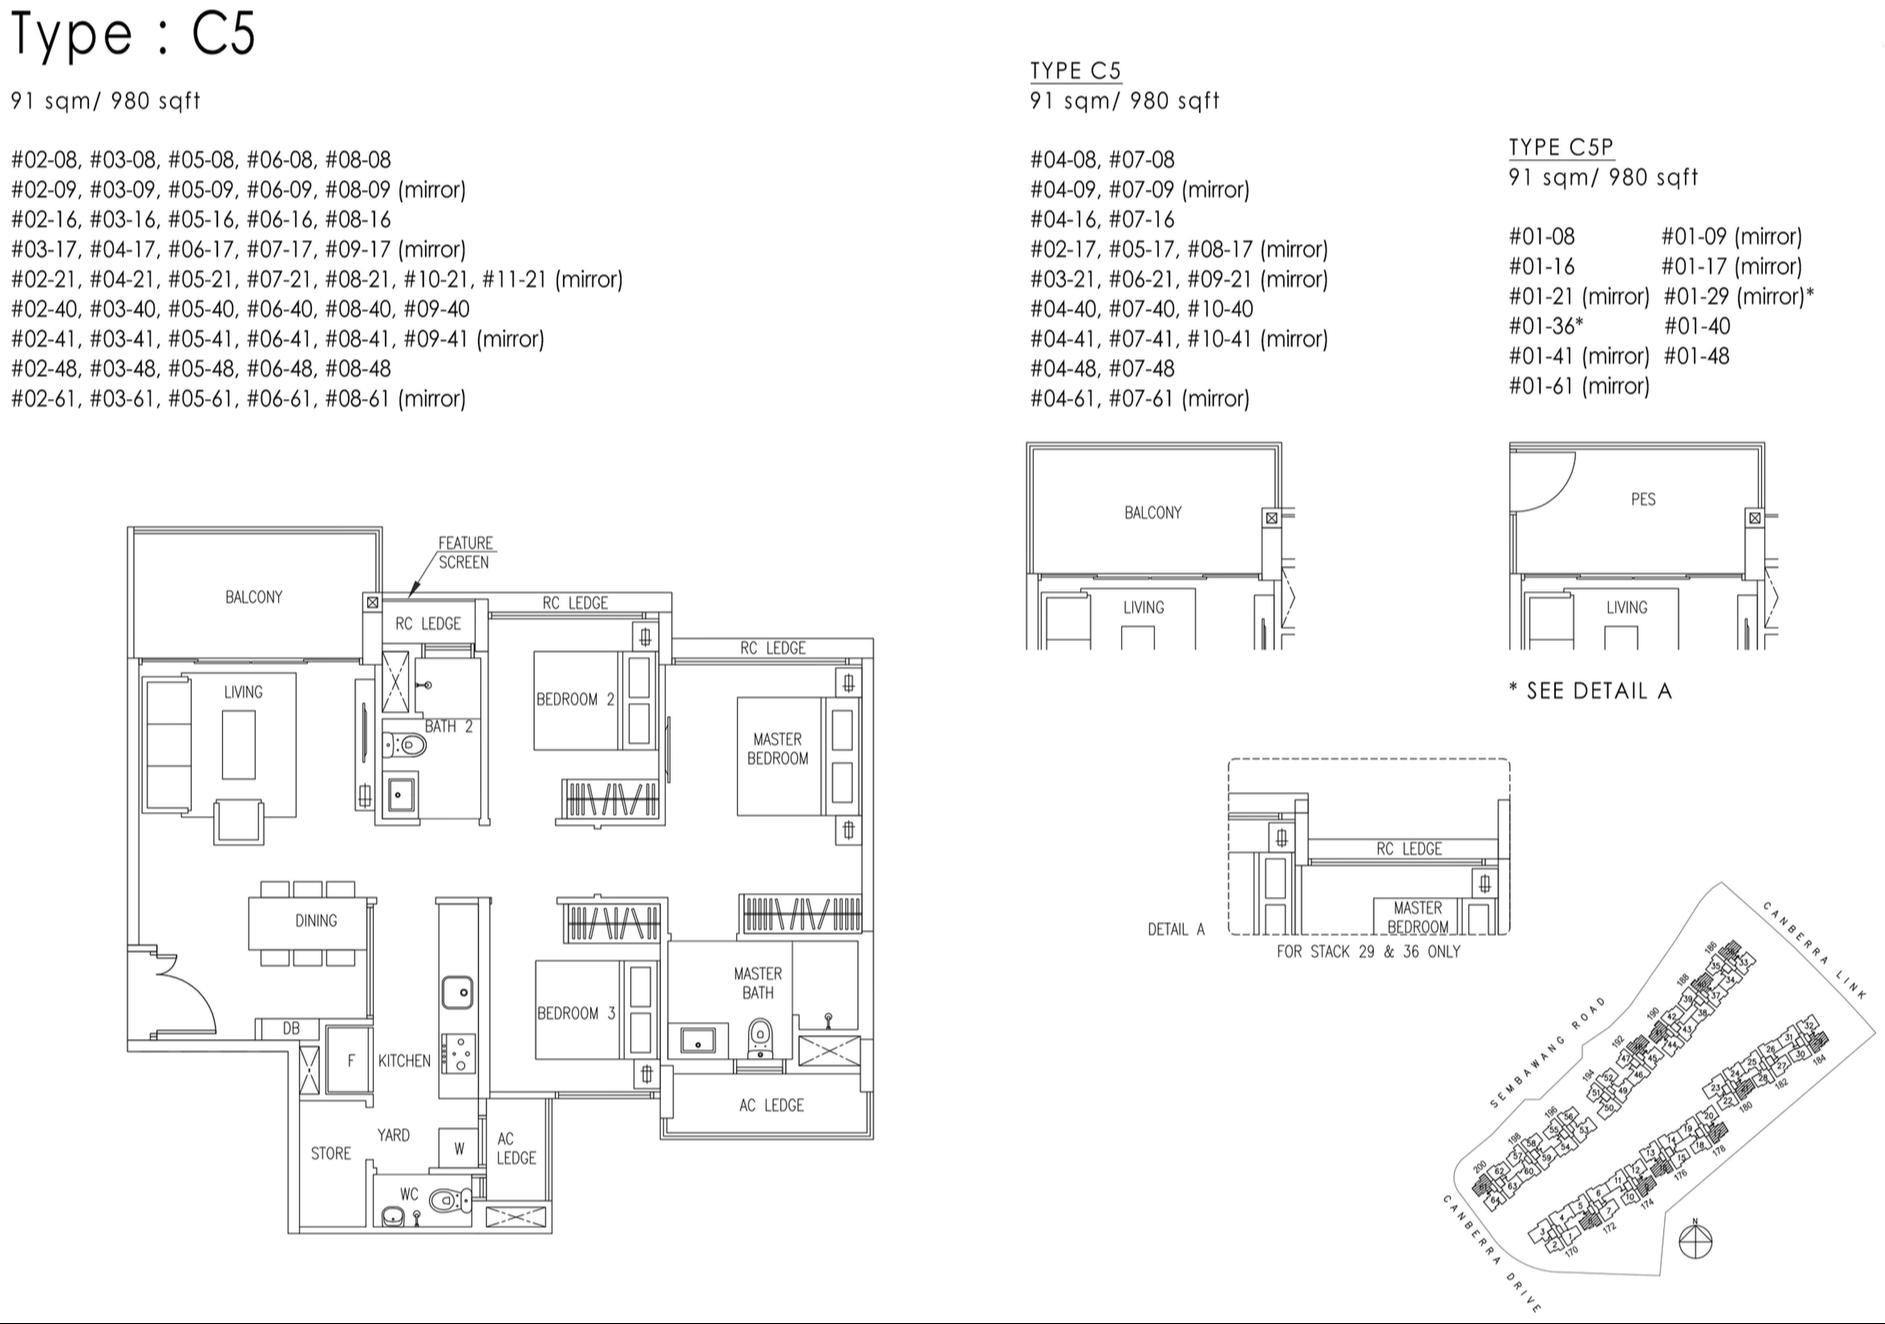 The Visionaire EC Floor Plan - 3 Bedroom Premium C5 C5P 91 sqm 980 sqft